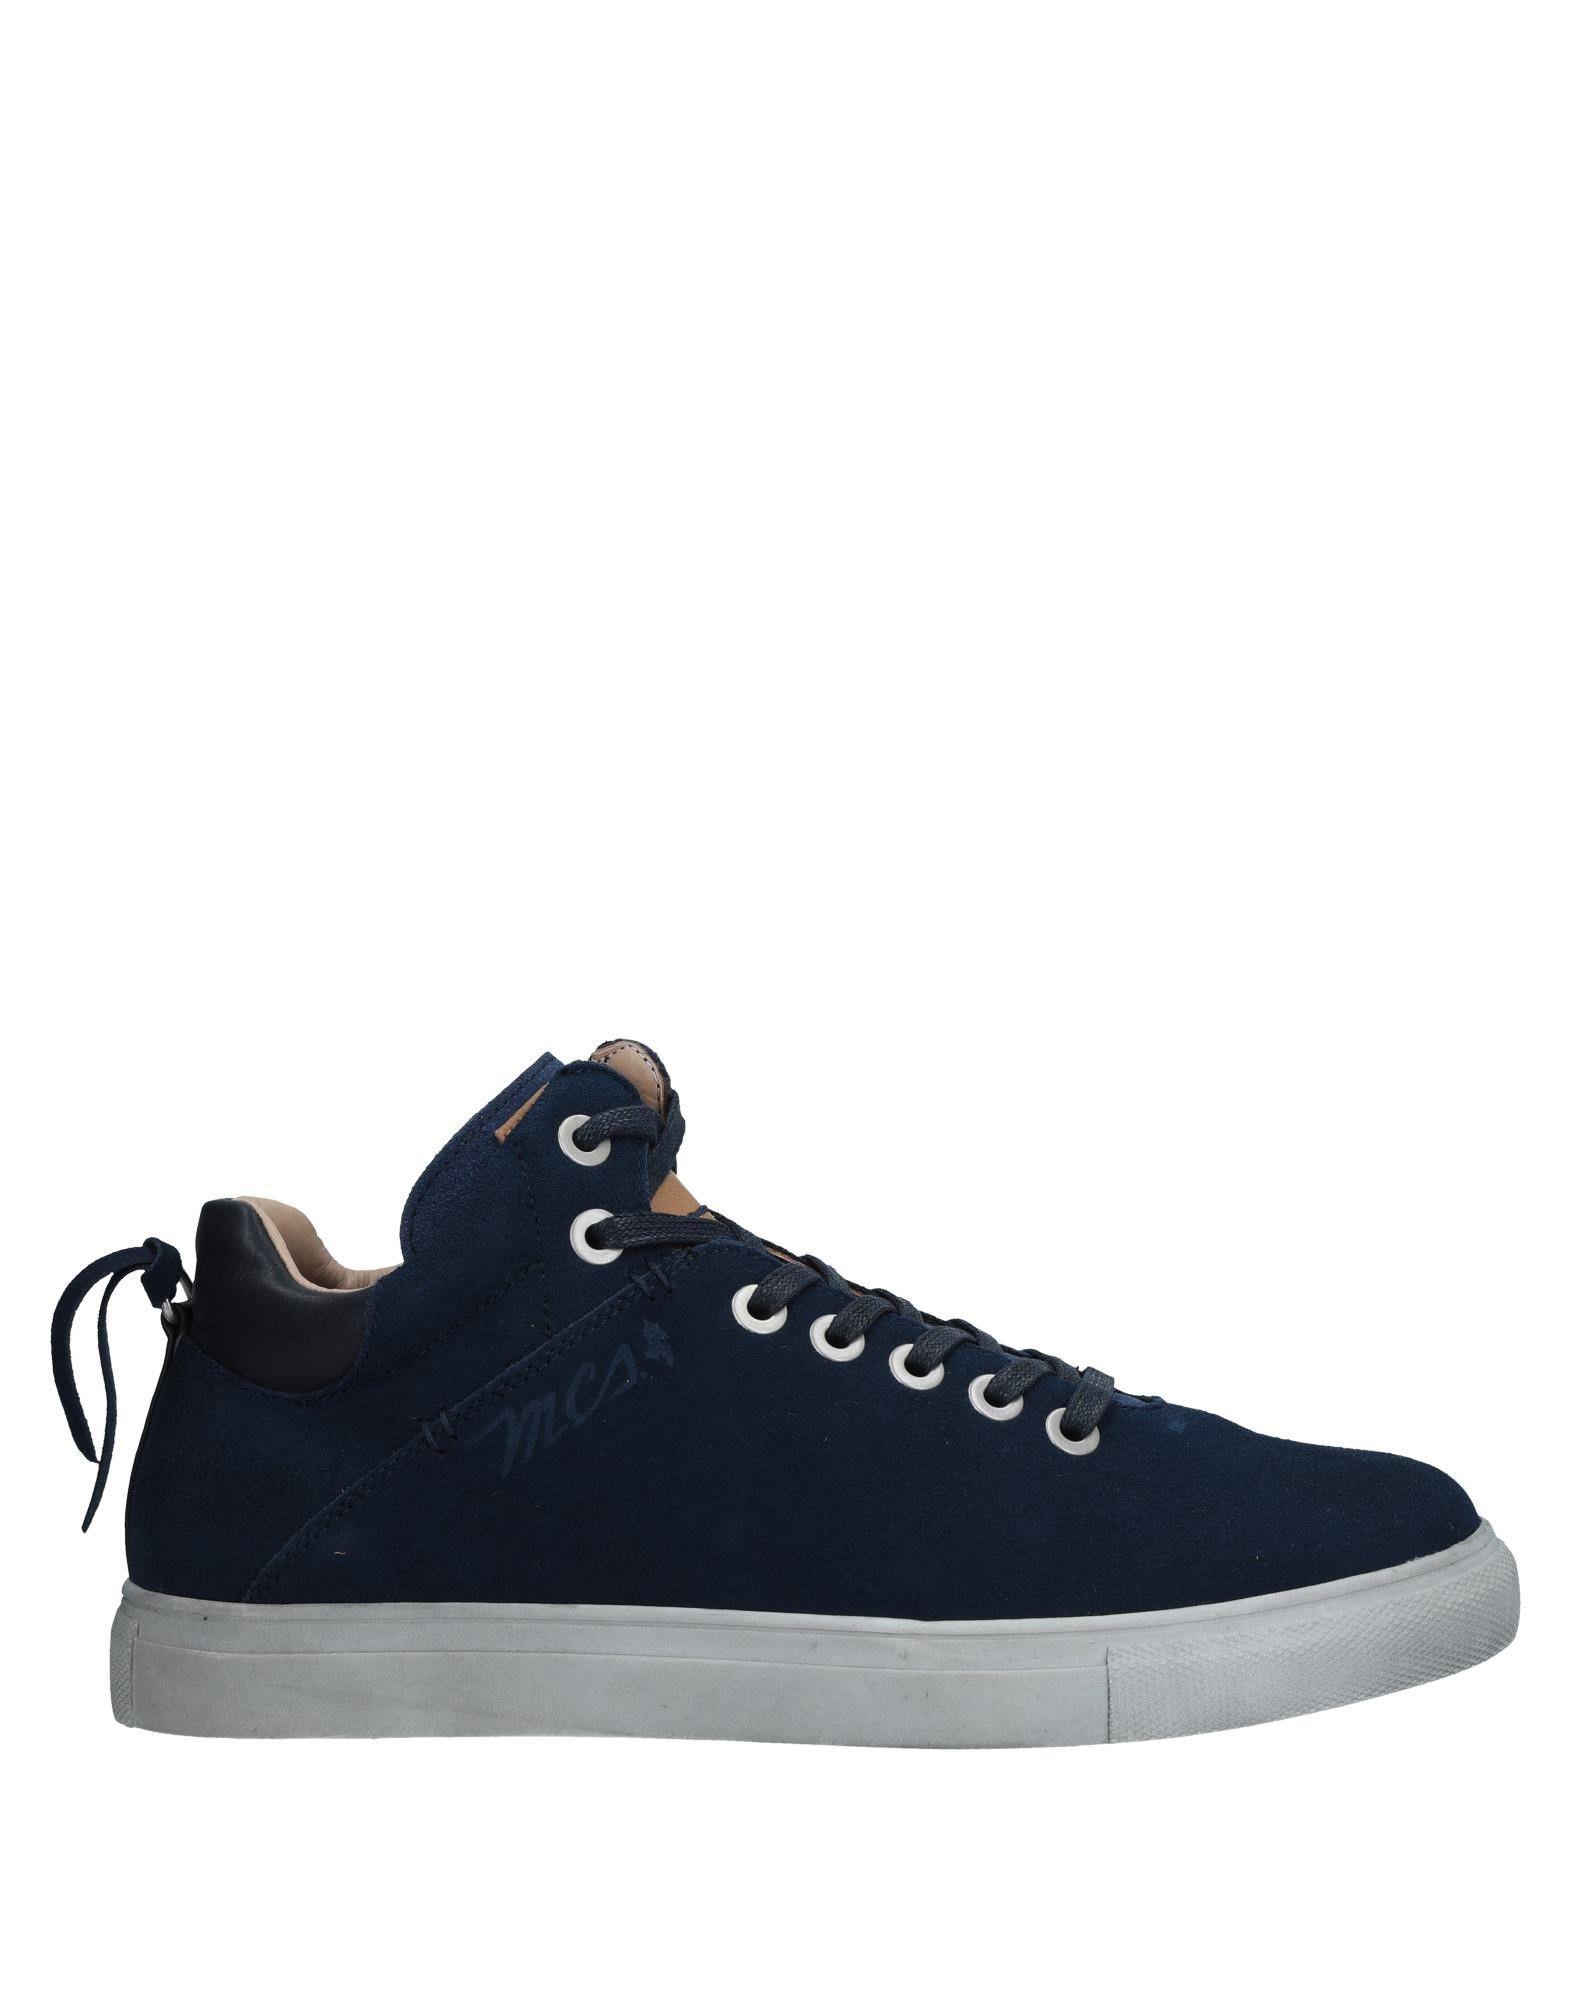 Sneakers Mcs Marlboro Classics Homme - Sneakers Mcs Marlboro Classics  Camel Dernières chaussures discount pour hommes et femmes